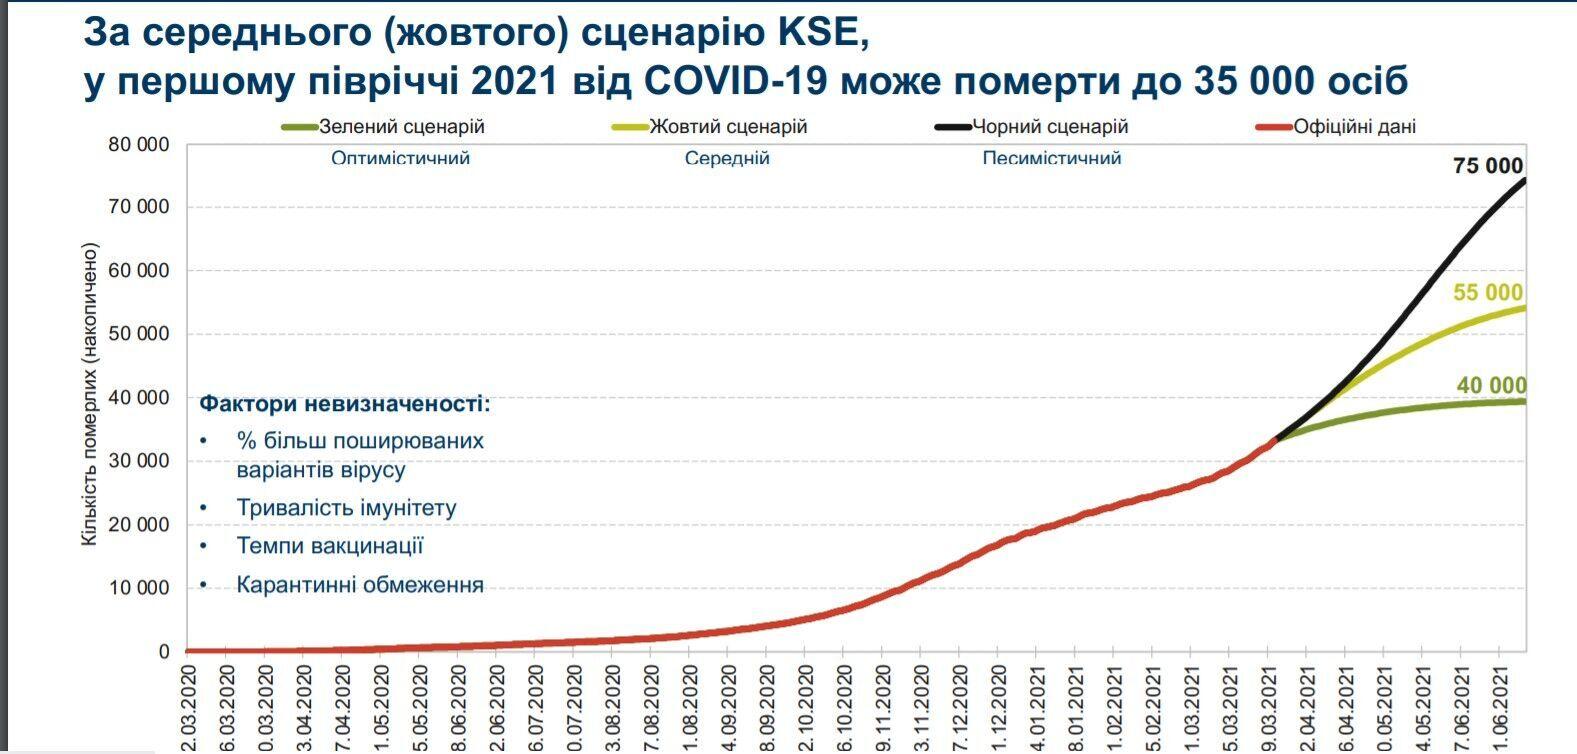 В Україні злетіла смертність від коронавірусу: за кілька місяців можуть загинути ще 40 тис. осіб